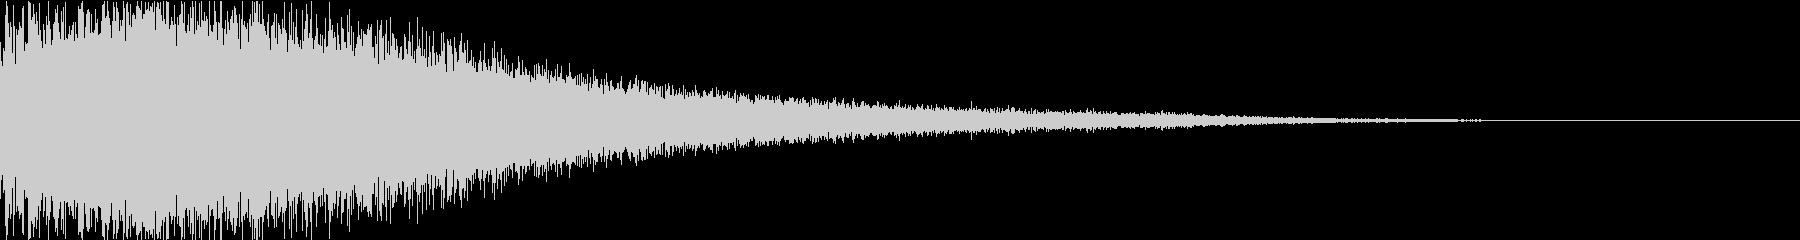 バーン:シンバルを叩く音・衝撃・迫力hの未再生の波形